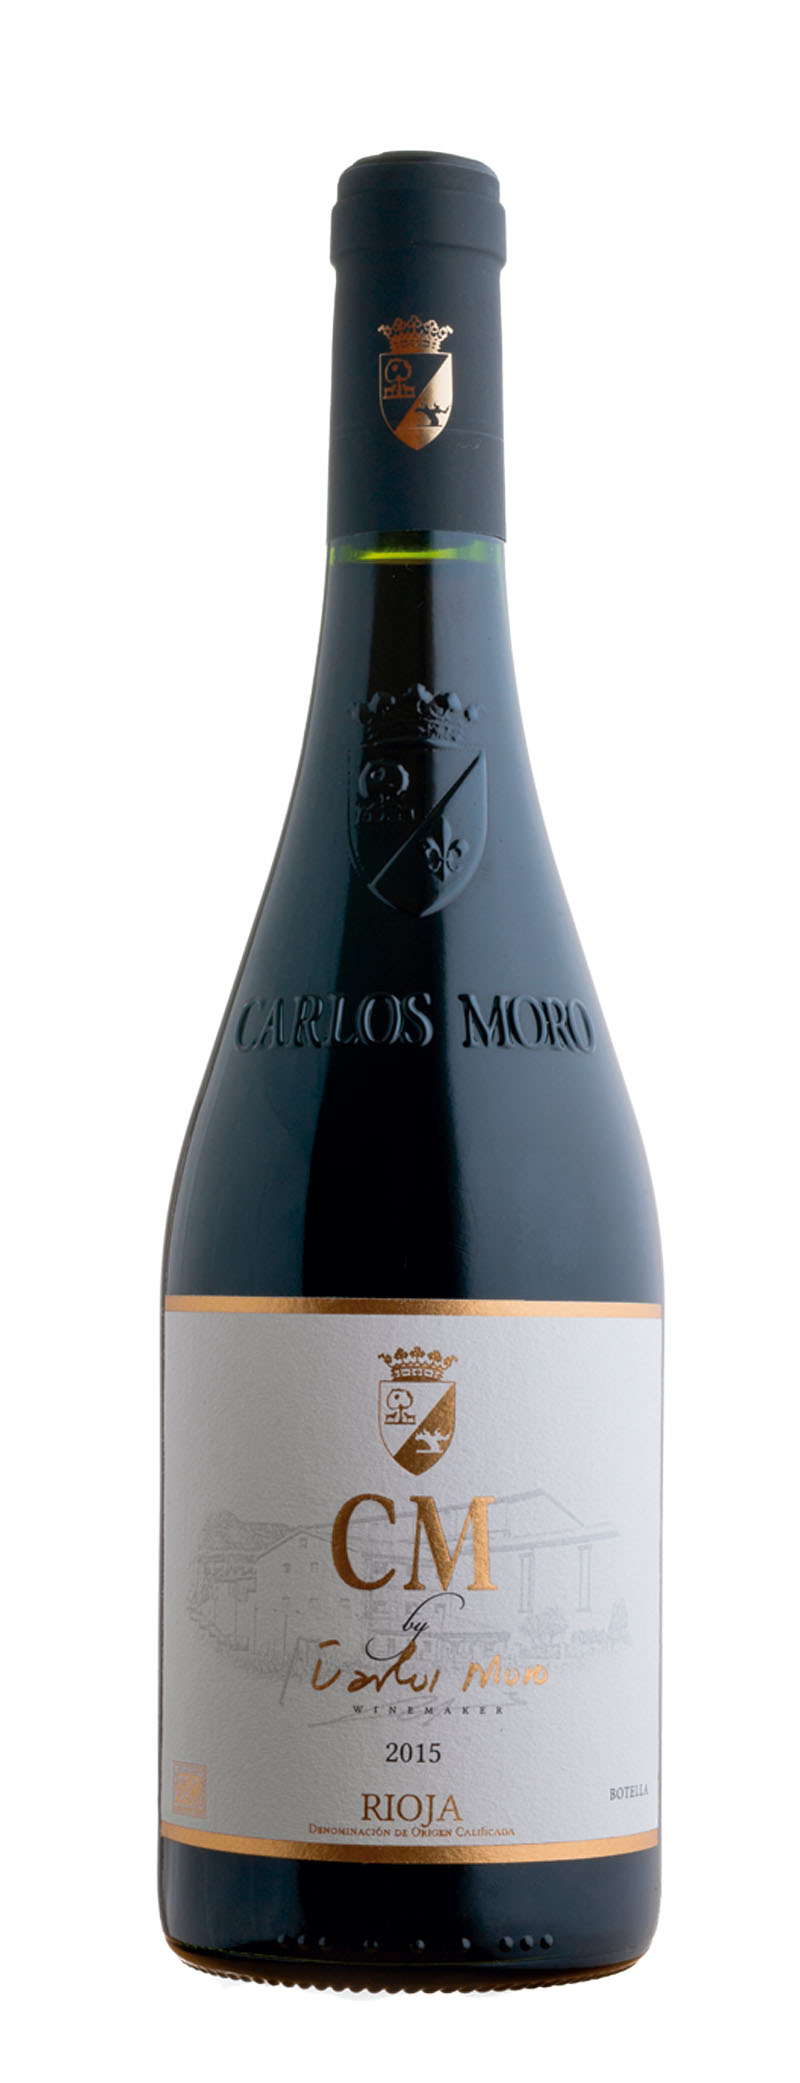 vino carlos moro 2015, recomendacion juan luis recio para receta de pasta con queso y pimientos, martin berasategui, xlsemanal